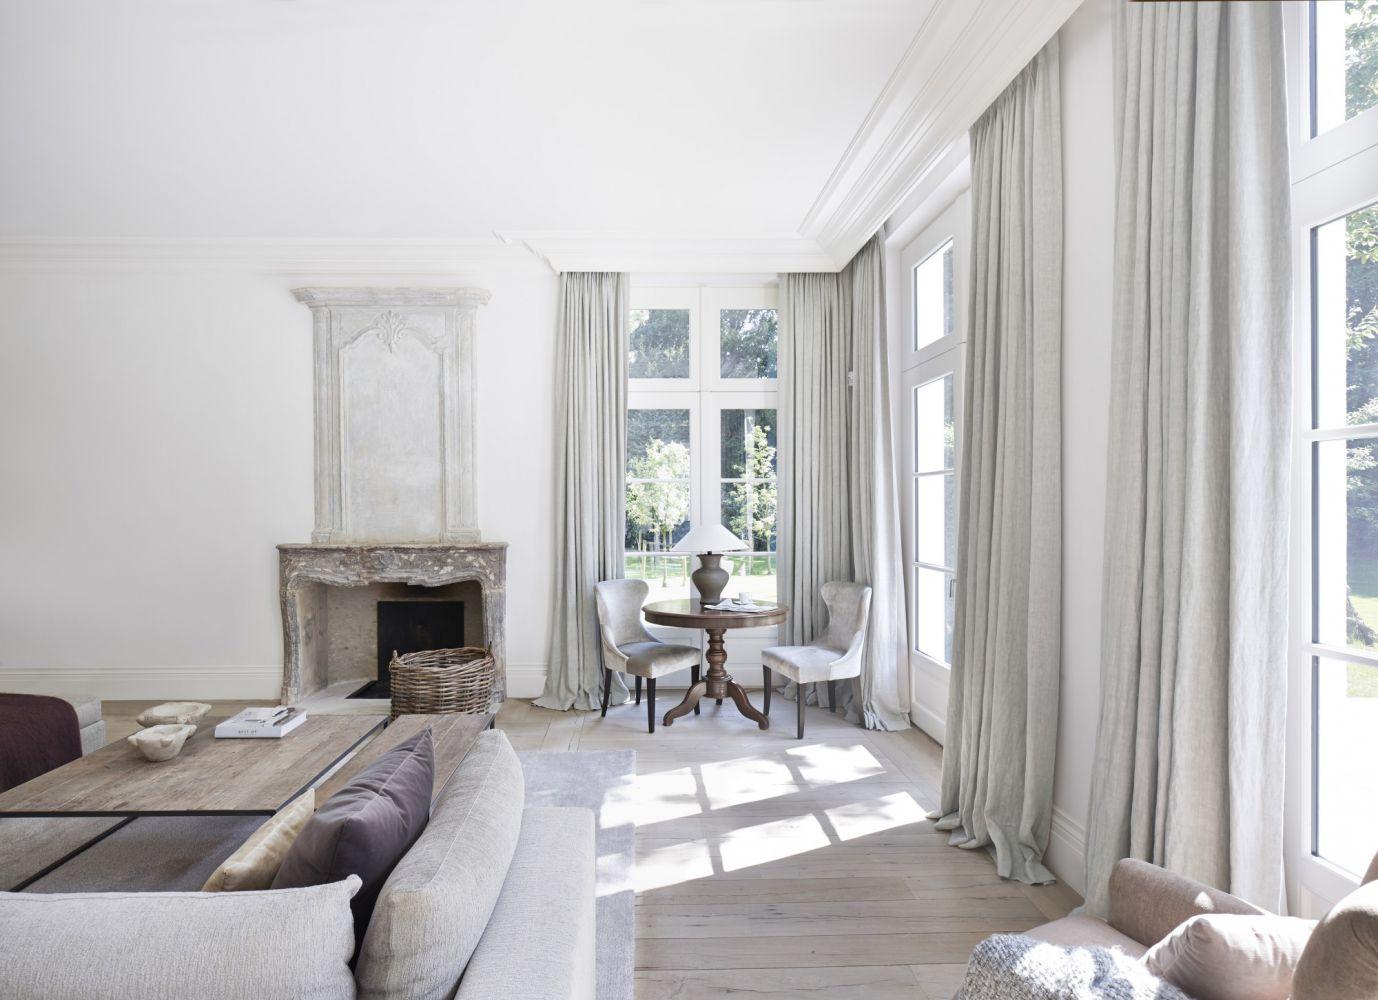 Een Klassiek Interieur : Interieur villabouw vlassak verhulst exclusieve villabouw